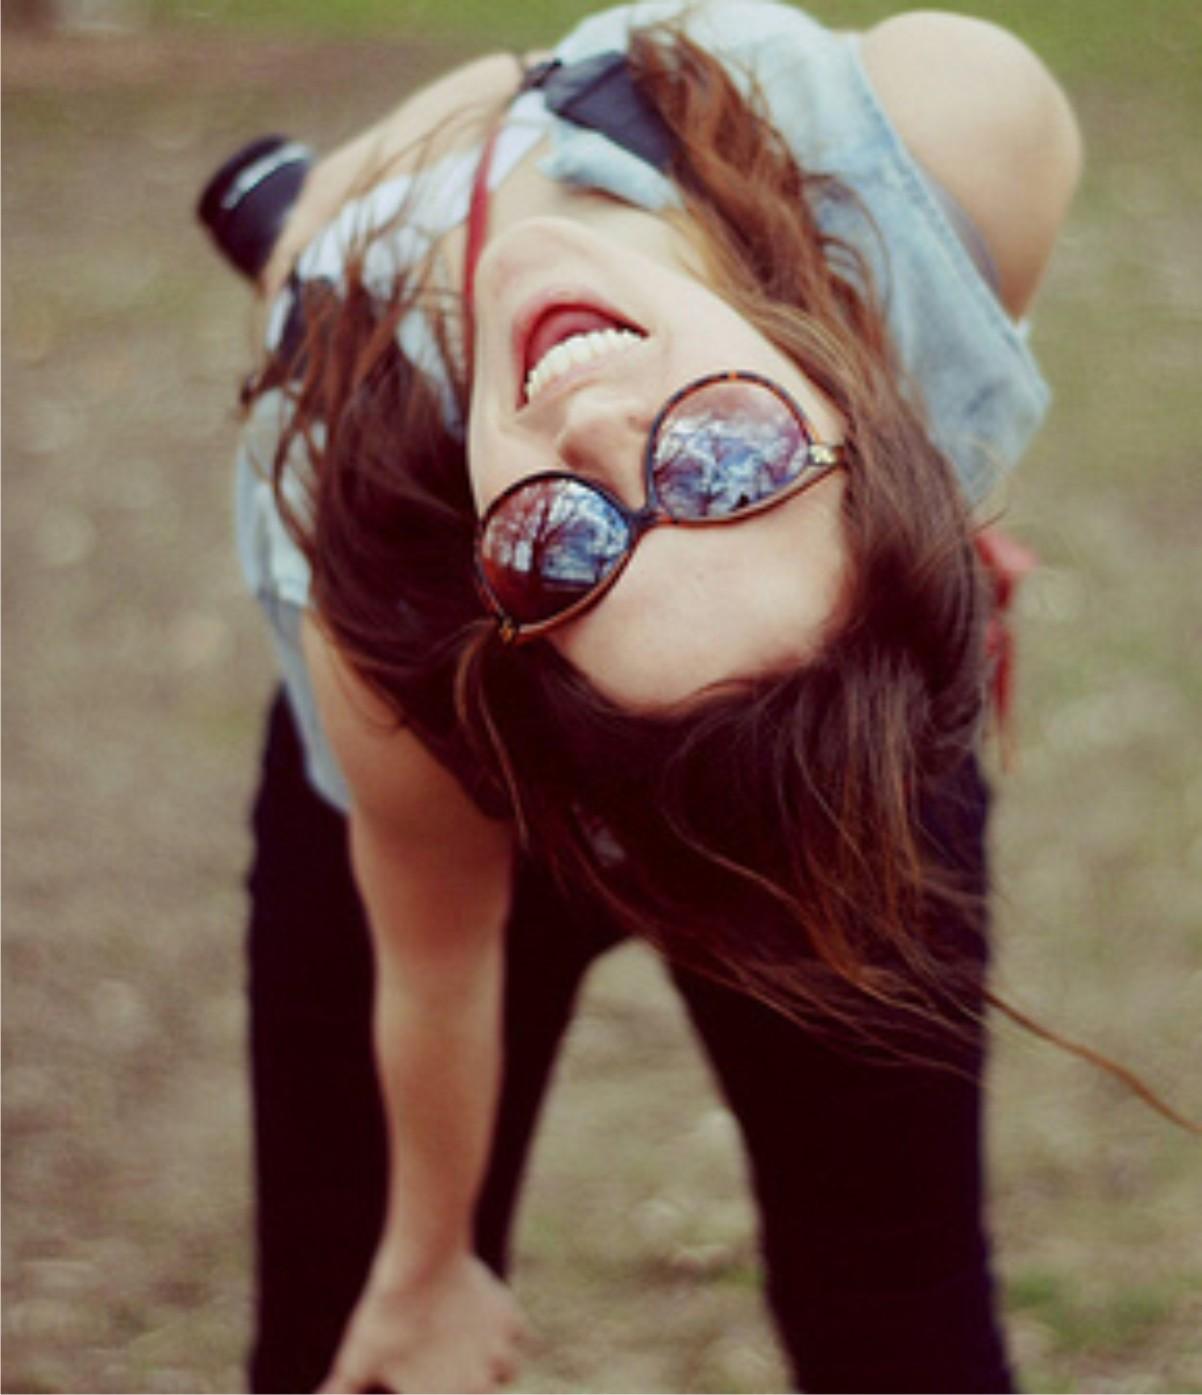 девушка в очках с фотоаппаратом в руках улыбается.